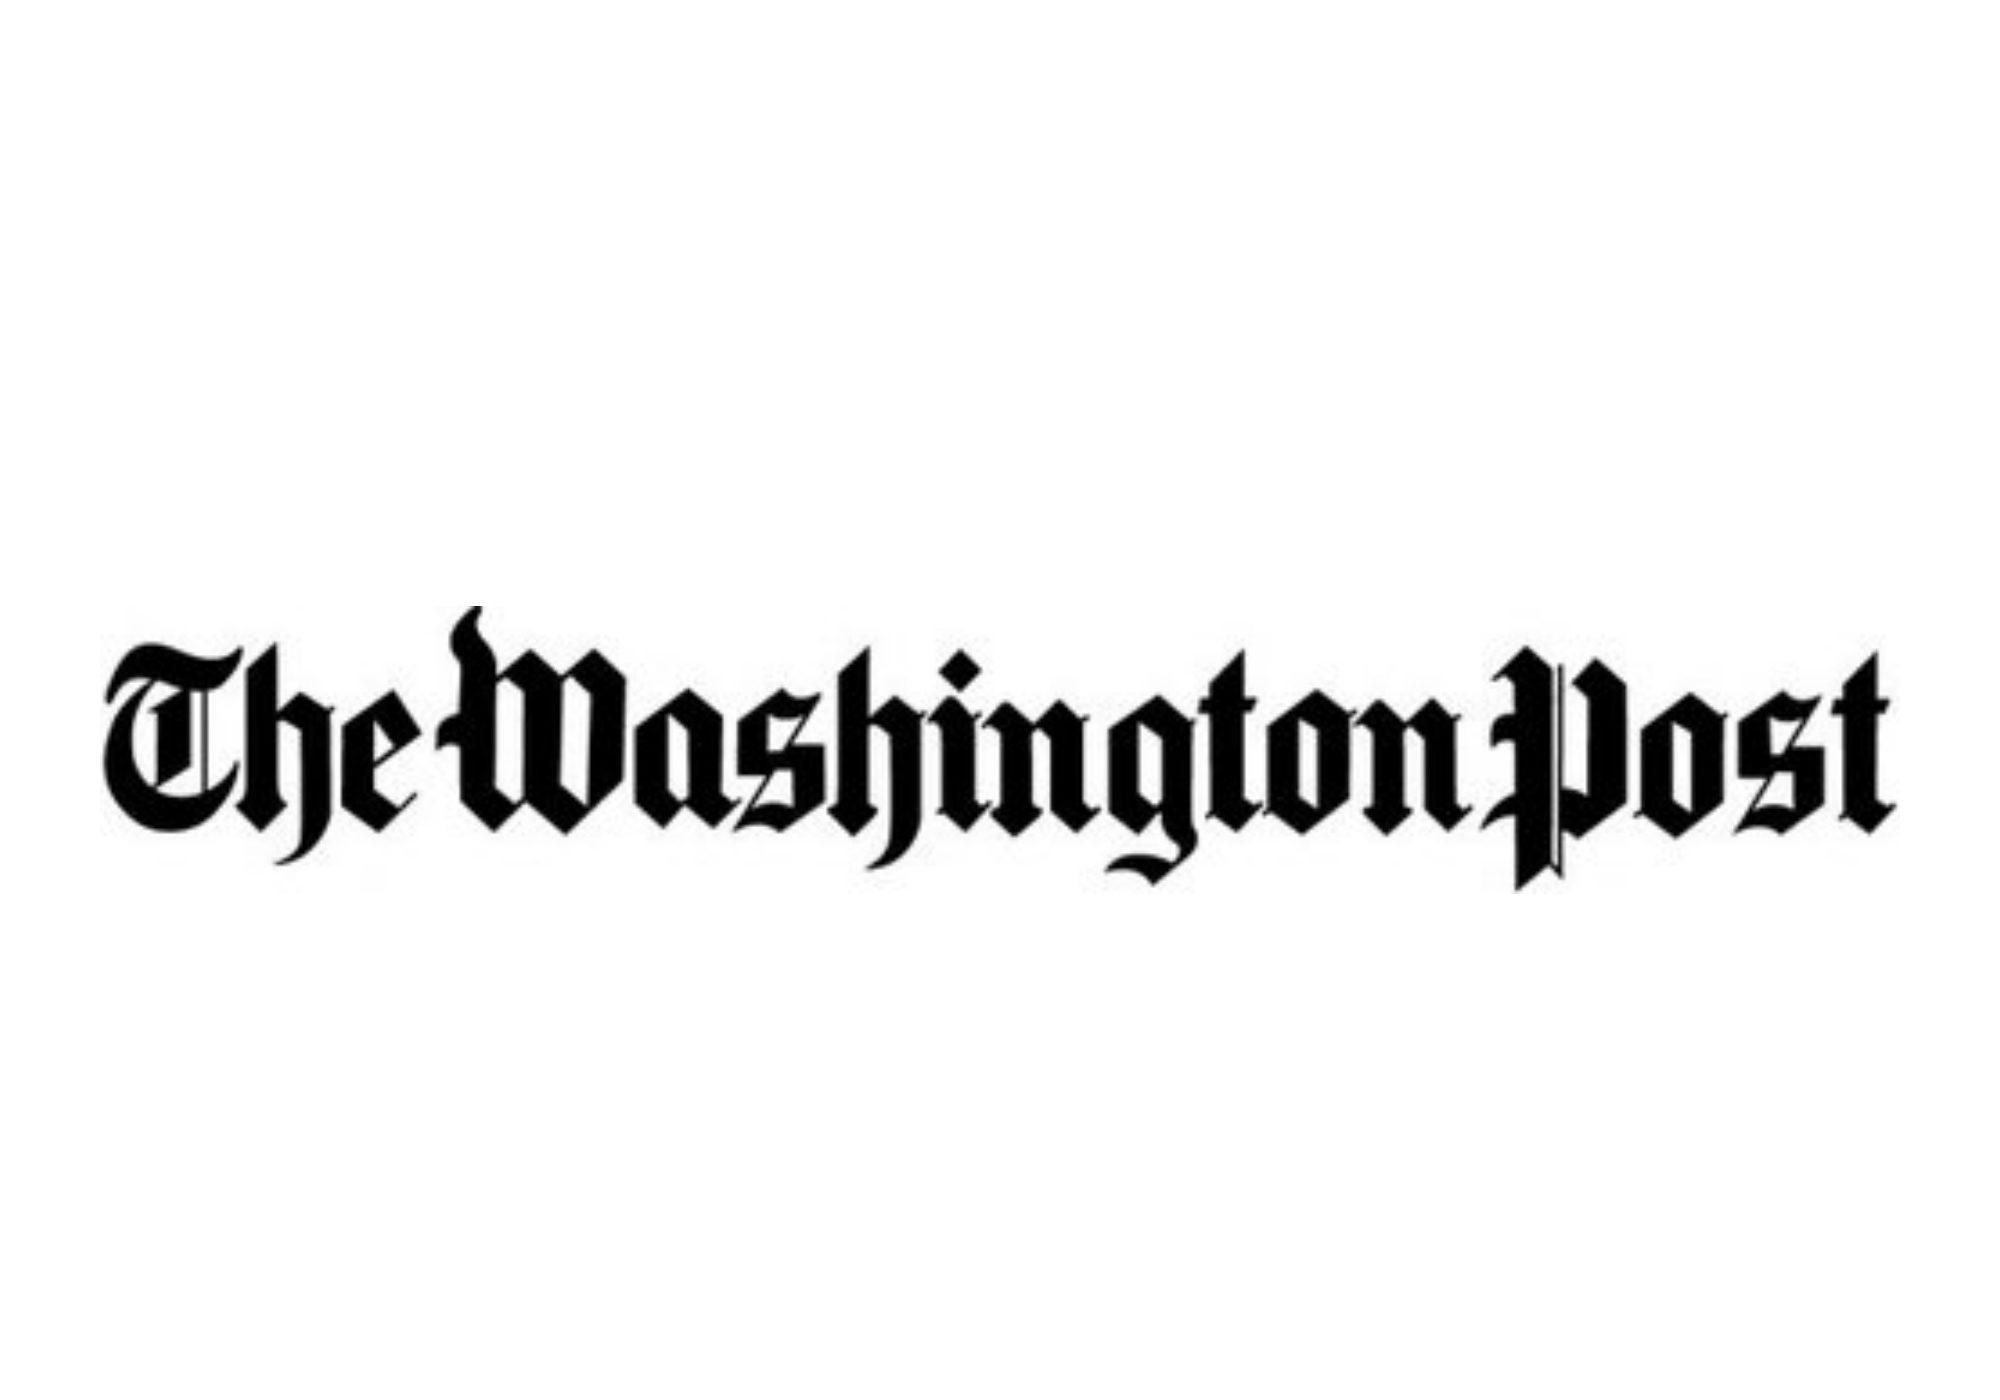 Resultado de imagem para washington post logo